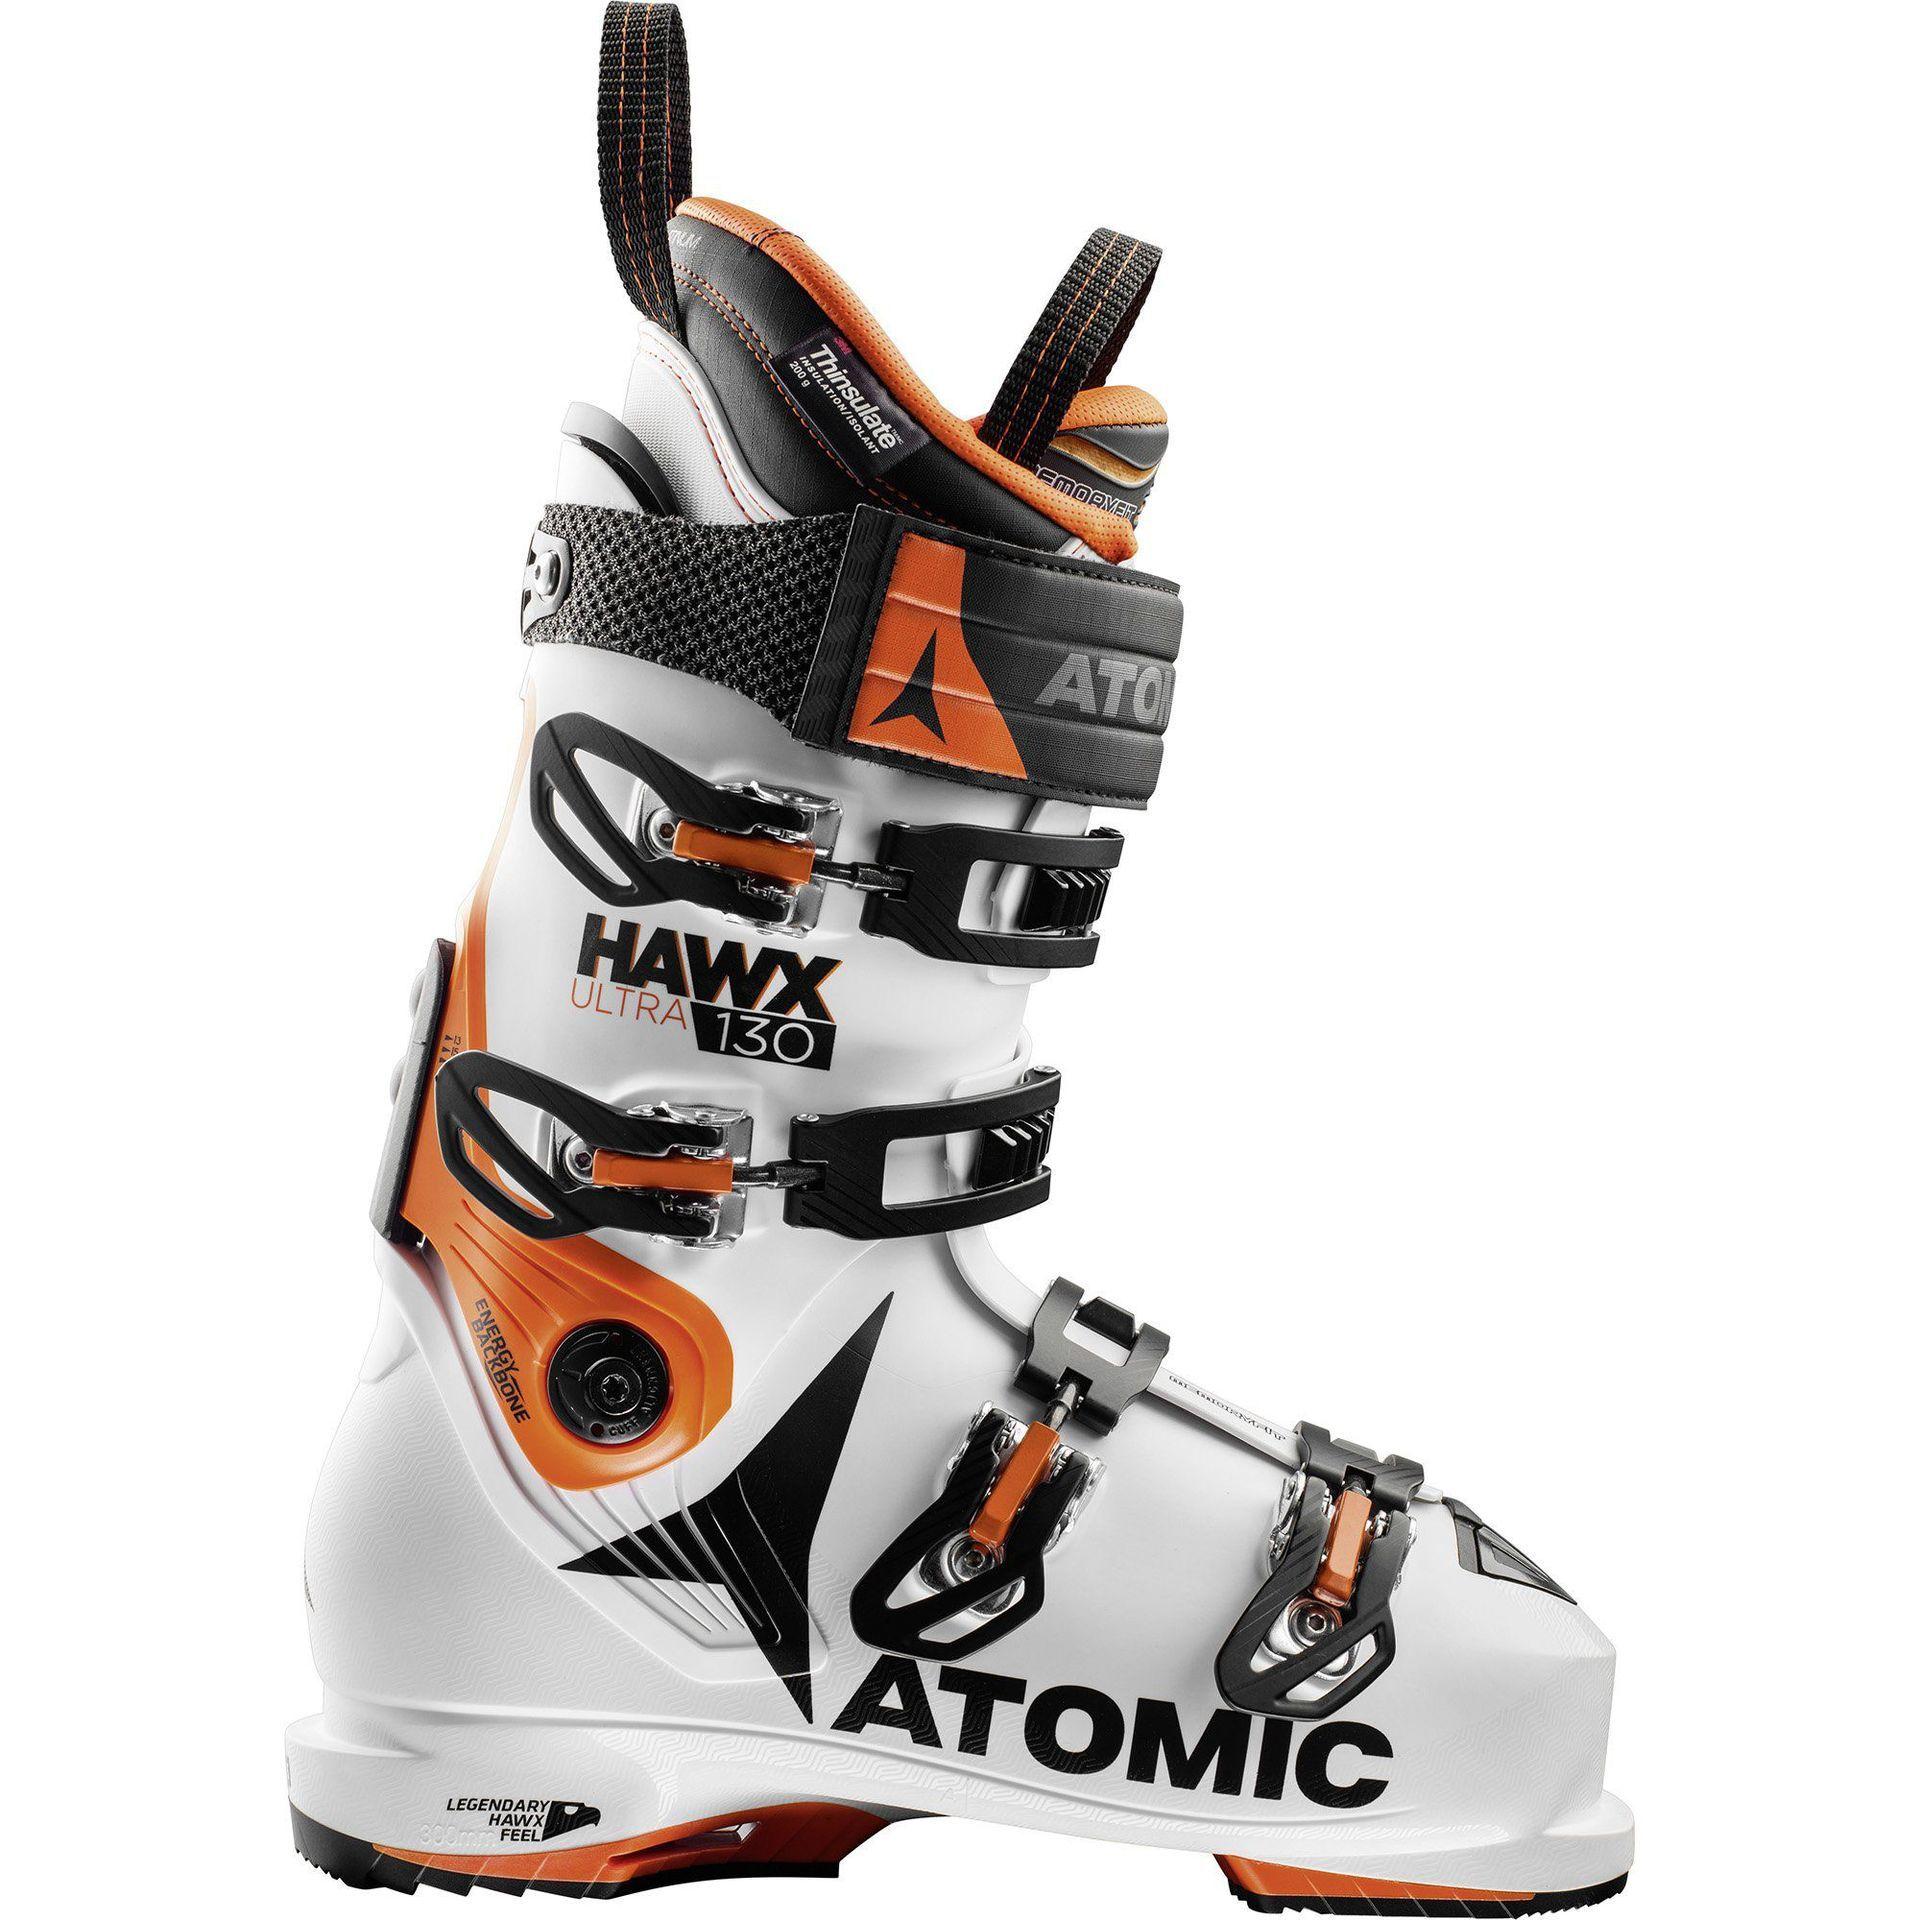 BUTY NARCIARSKIE ATOMIC HAWX ULTRA 130 AE5015520